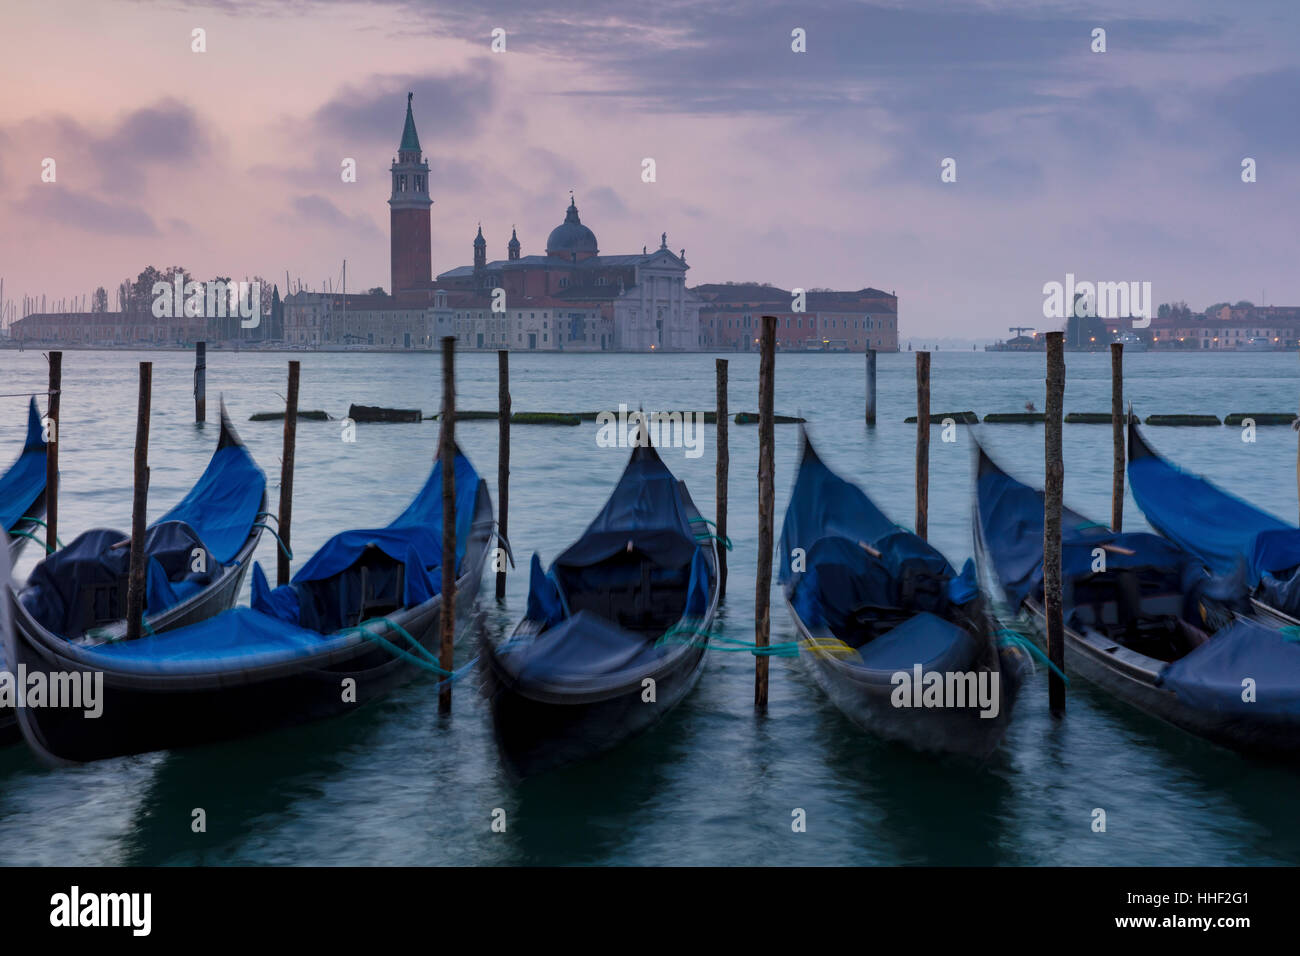 Pre-alba luz sobre las góndolas y San Giorgio Maggiore, Venecia, Véneto, Italia Imagen De Stock